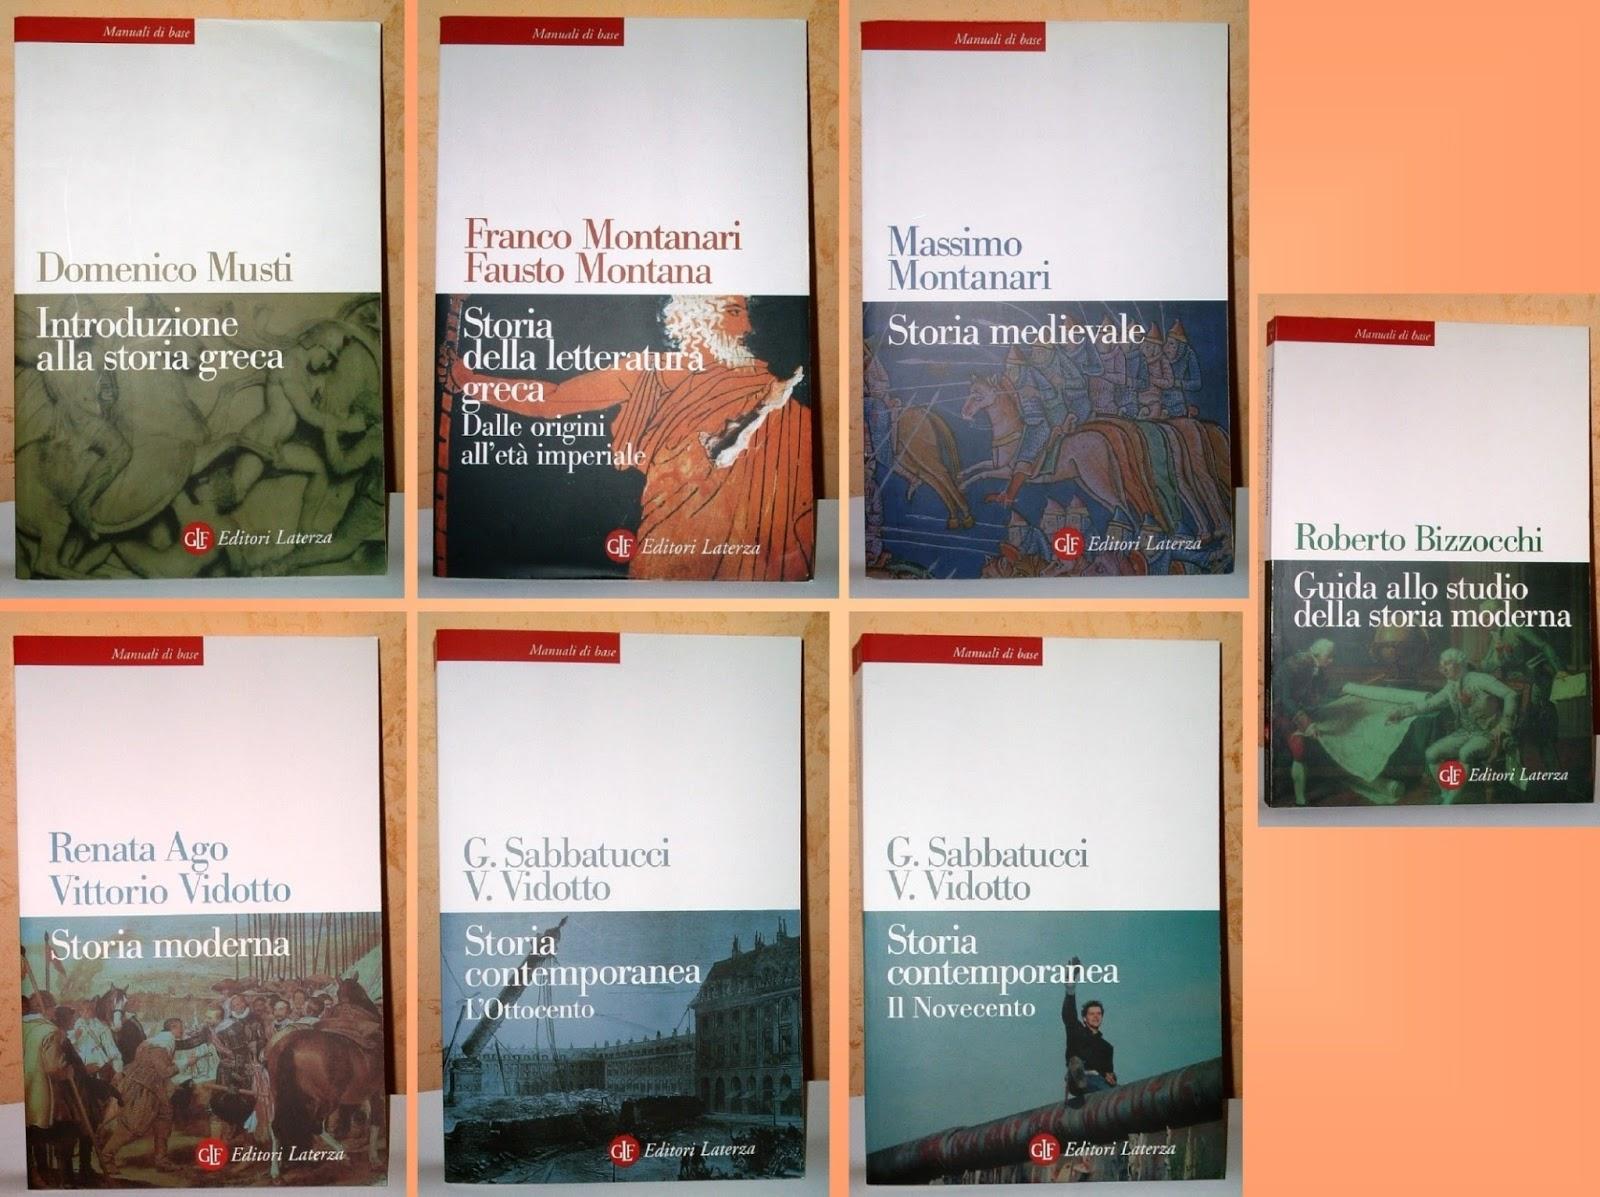 sabatucci vidotto storia contemporanea  La scorribanda legale di Silvana Calabrese: La storia secondo i ...